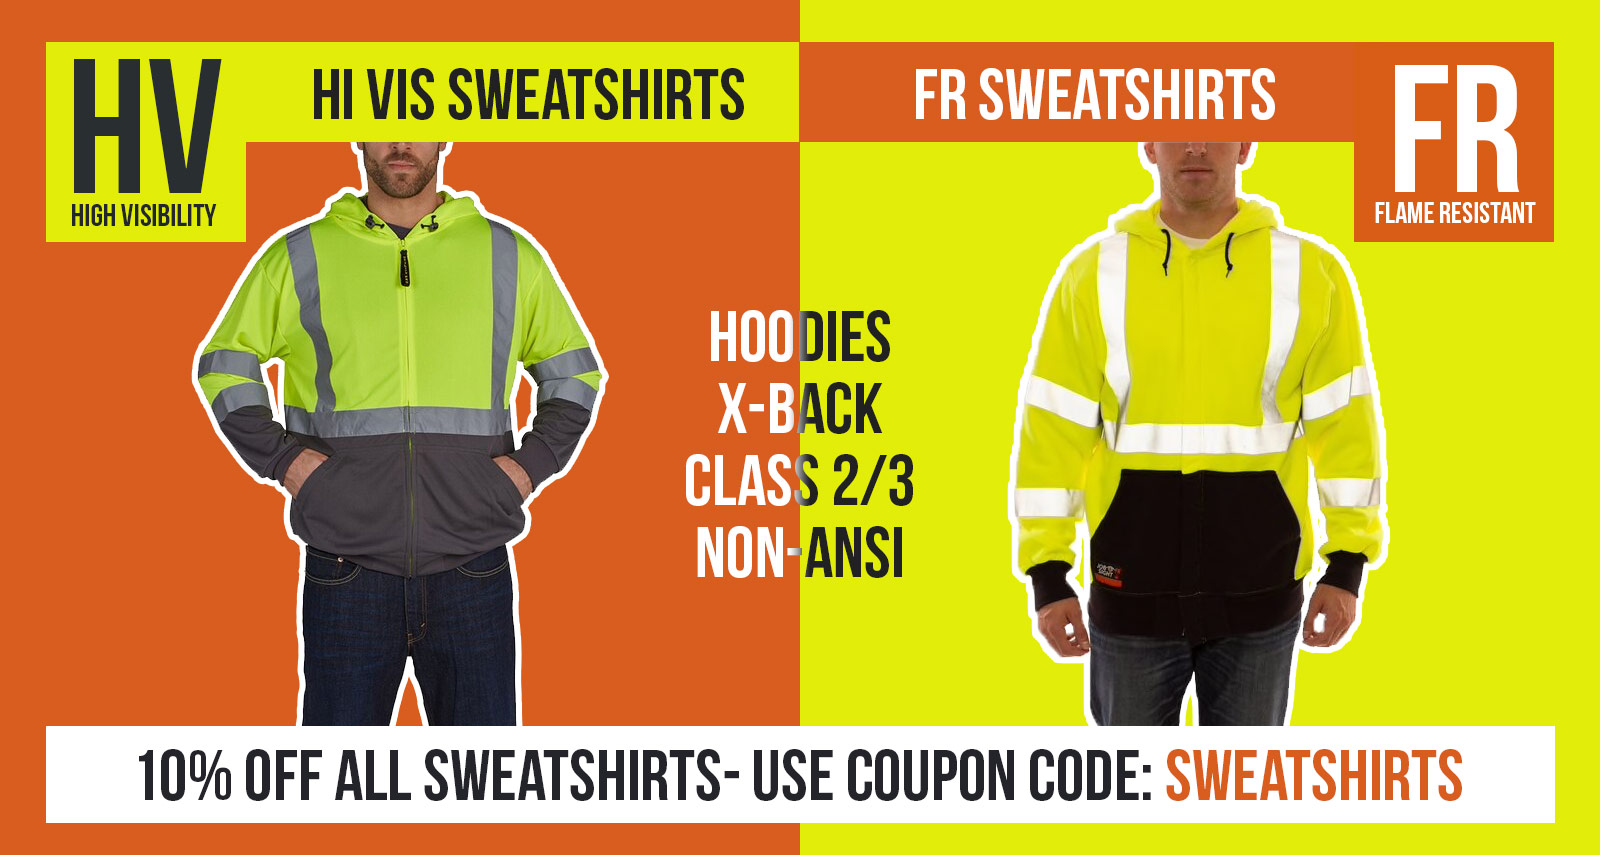 hi-vis-fr-sweatshirts.jpg